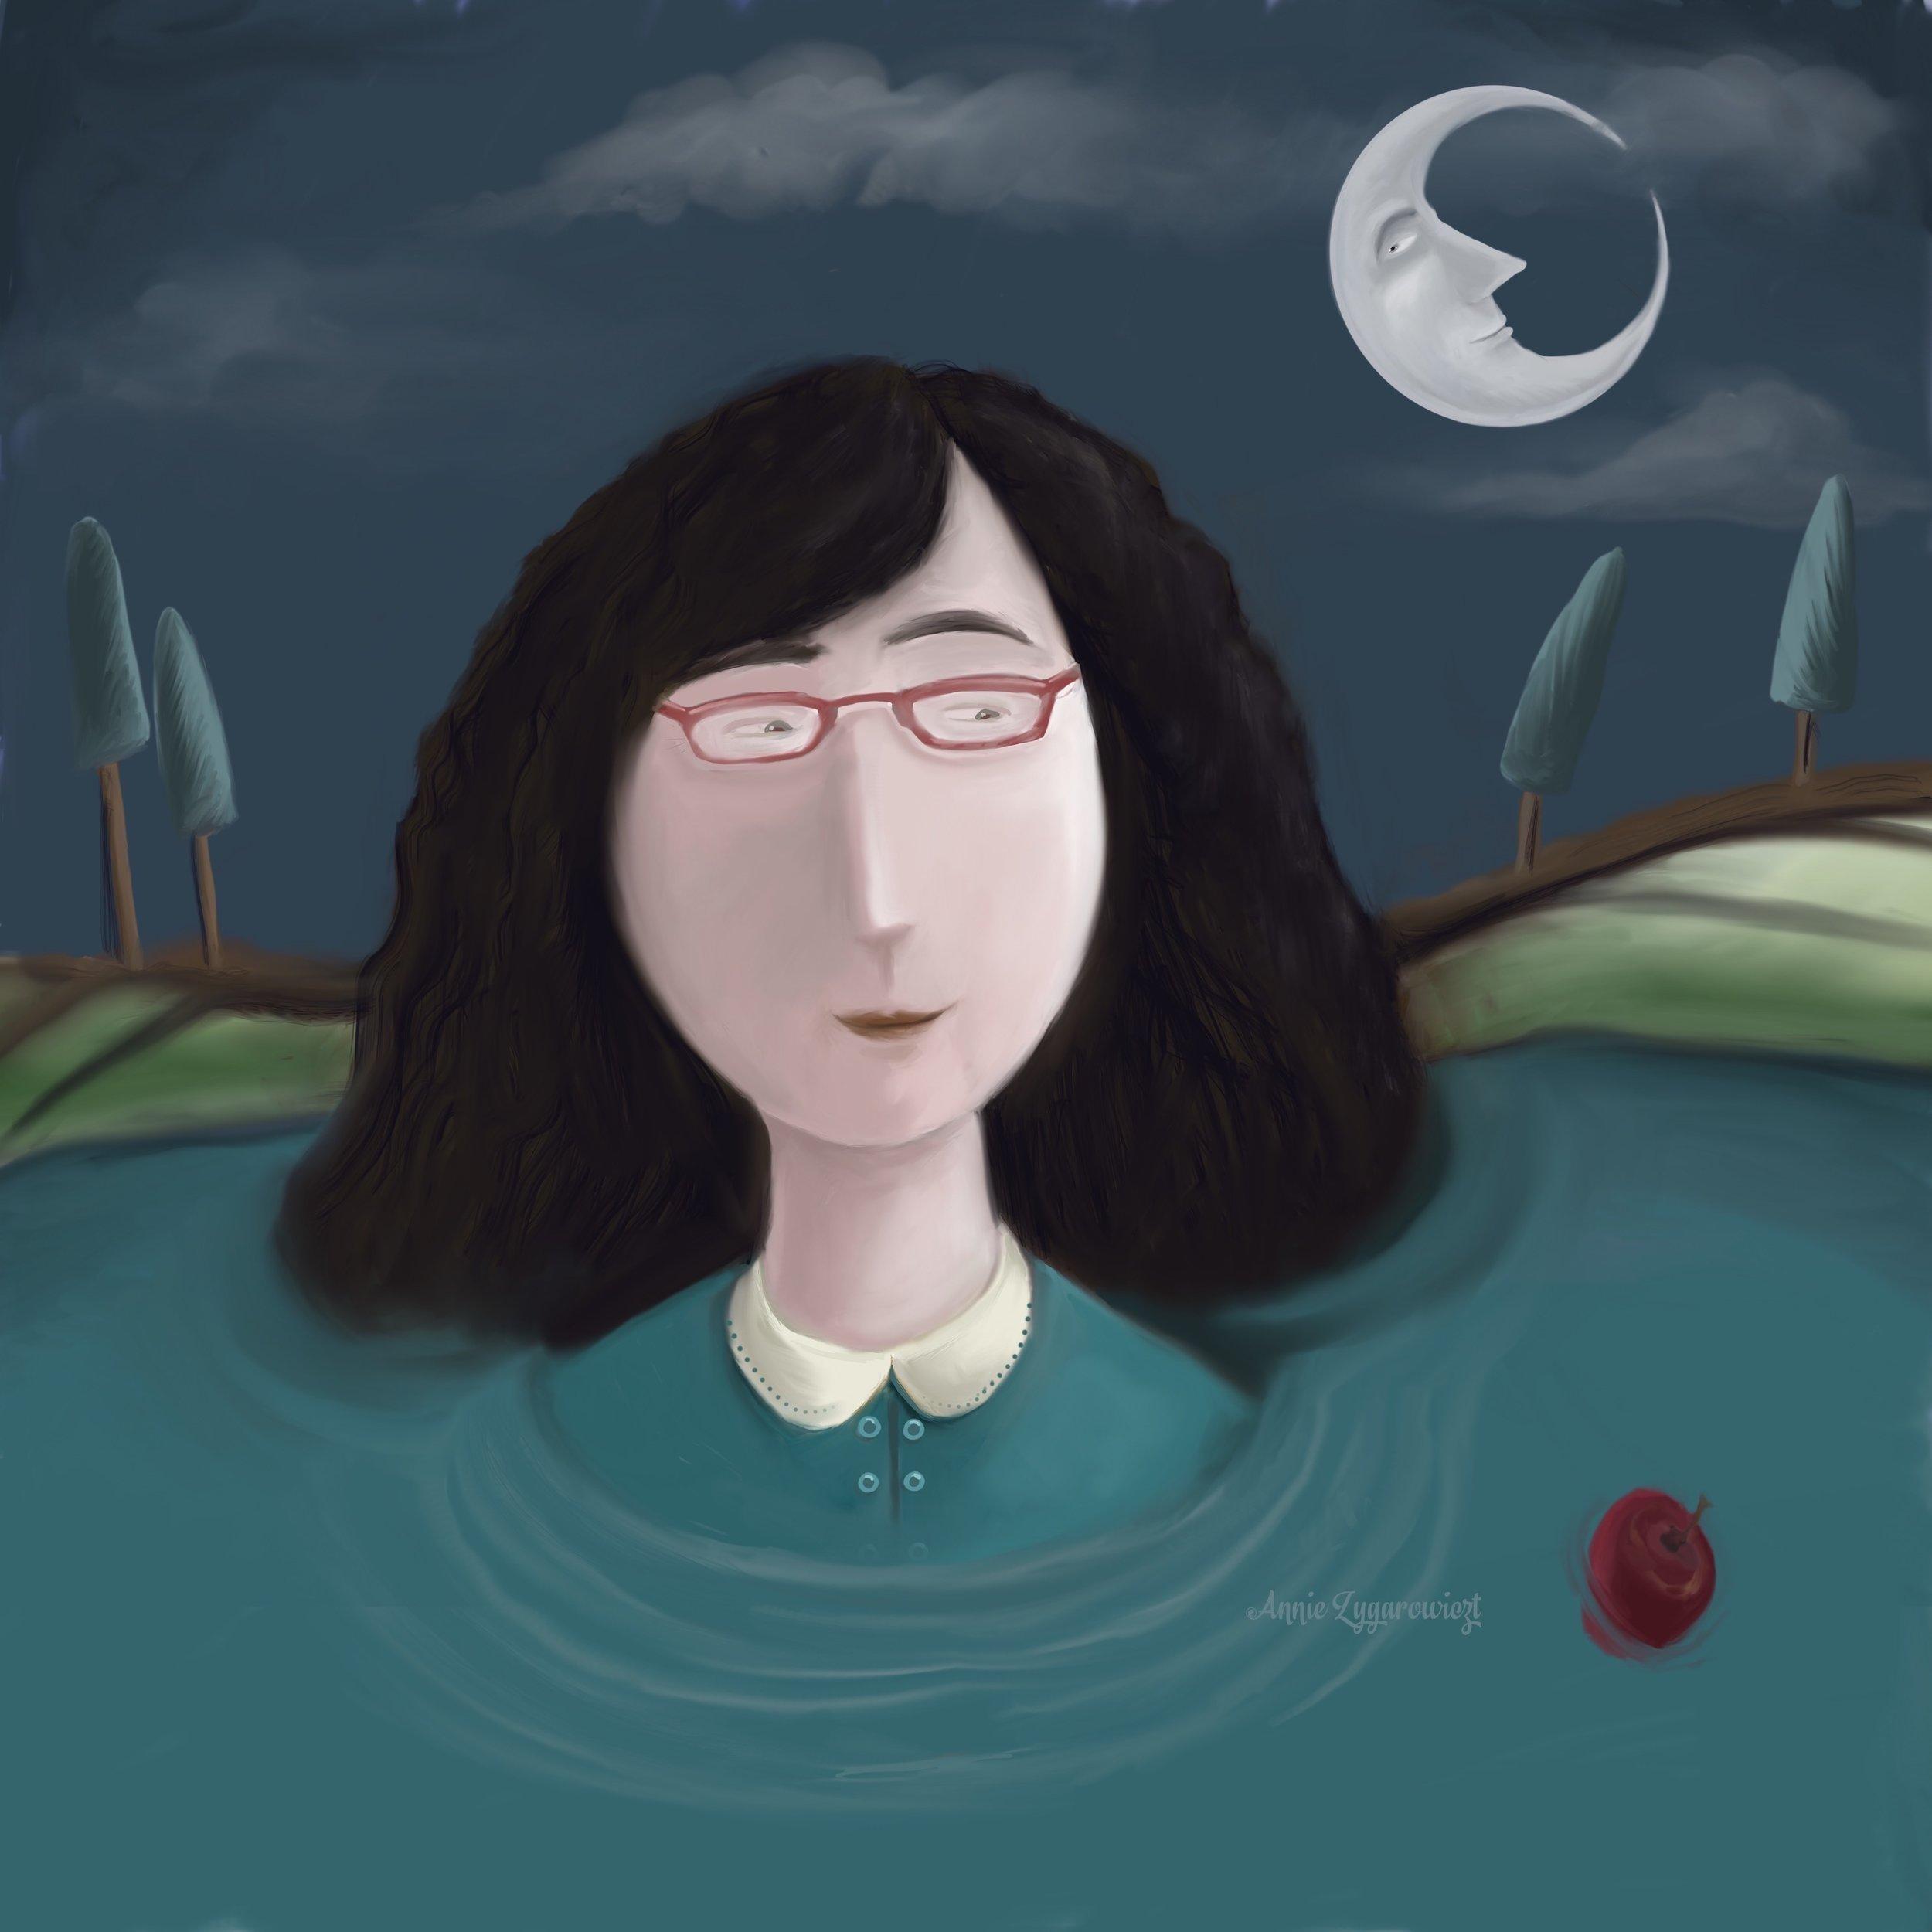 web Annie_Zygarowicz Self_Portrait.jpeg